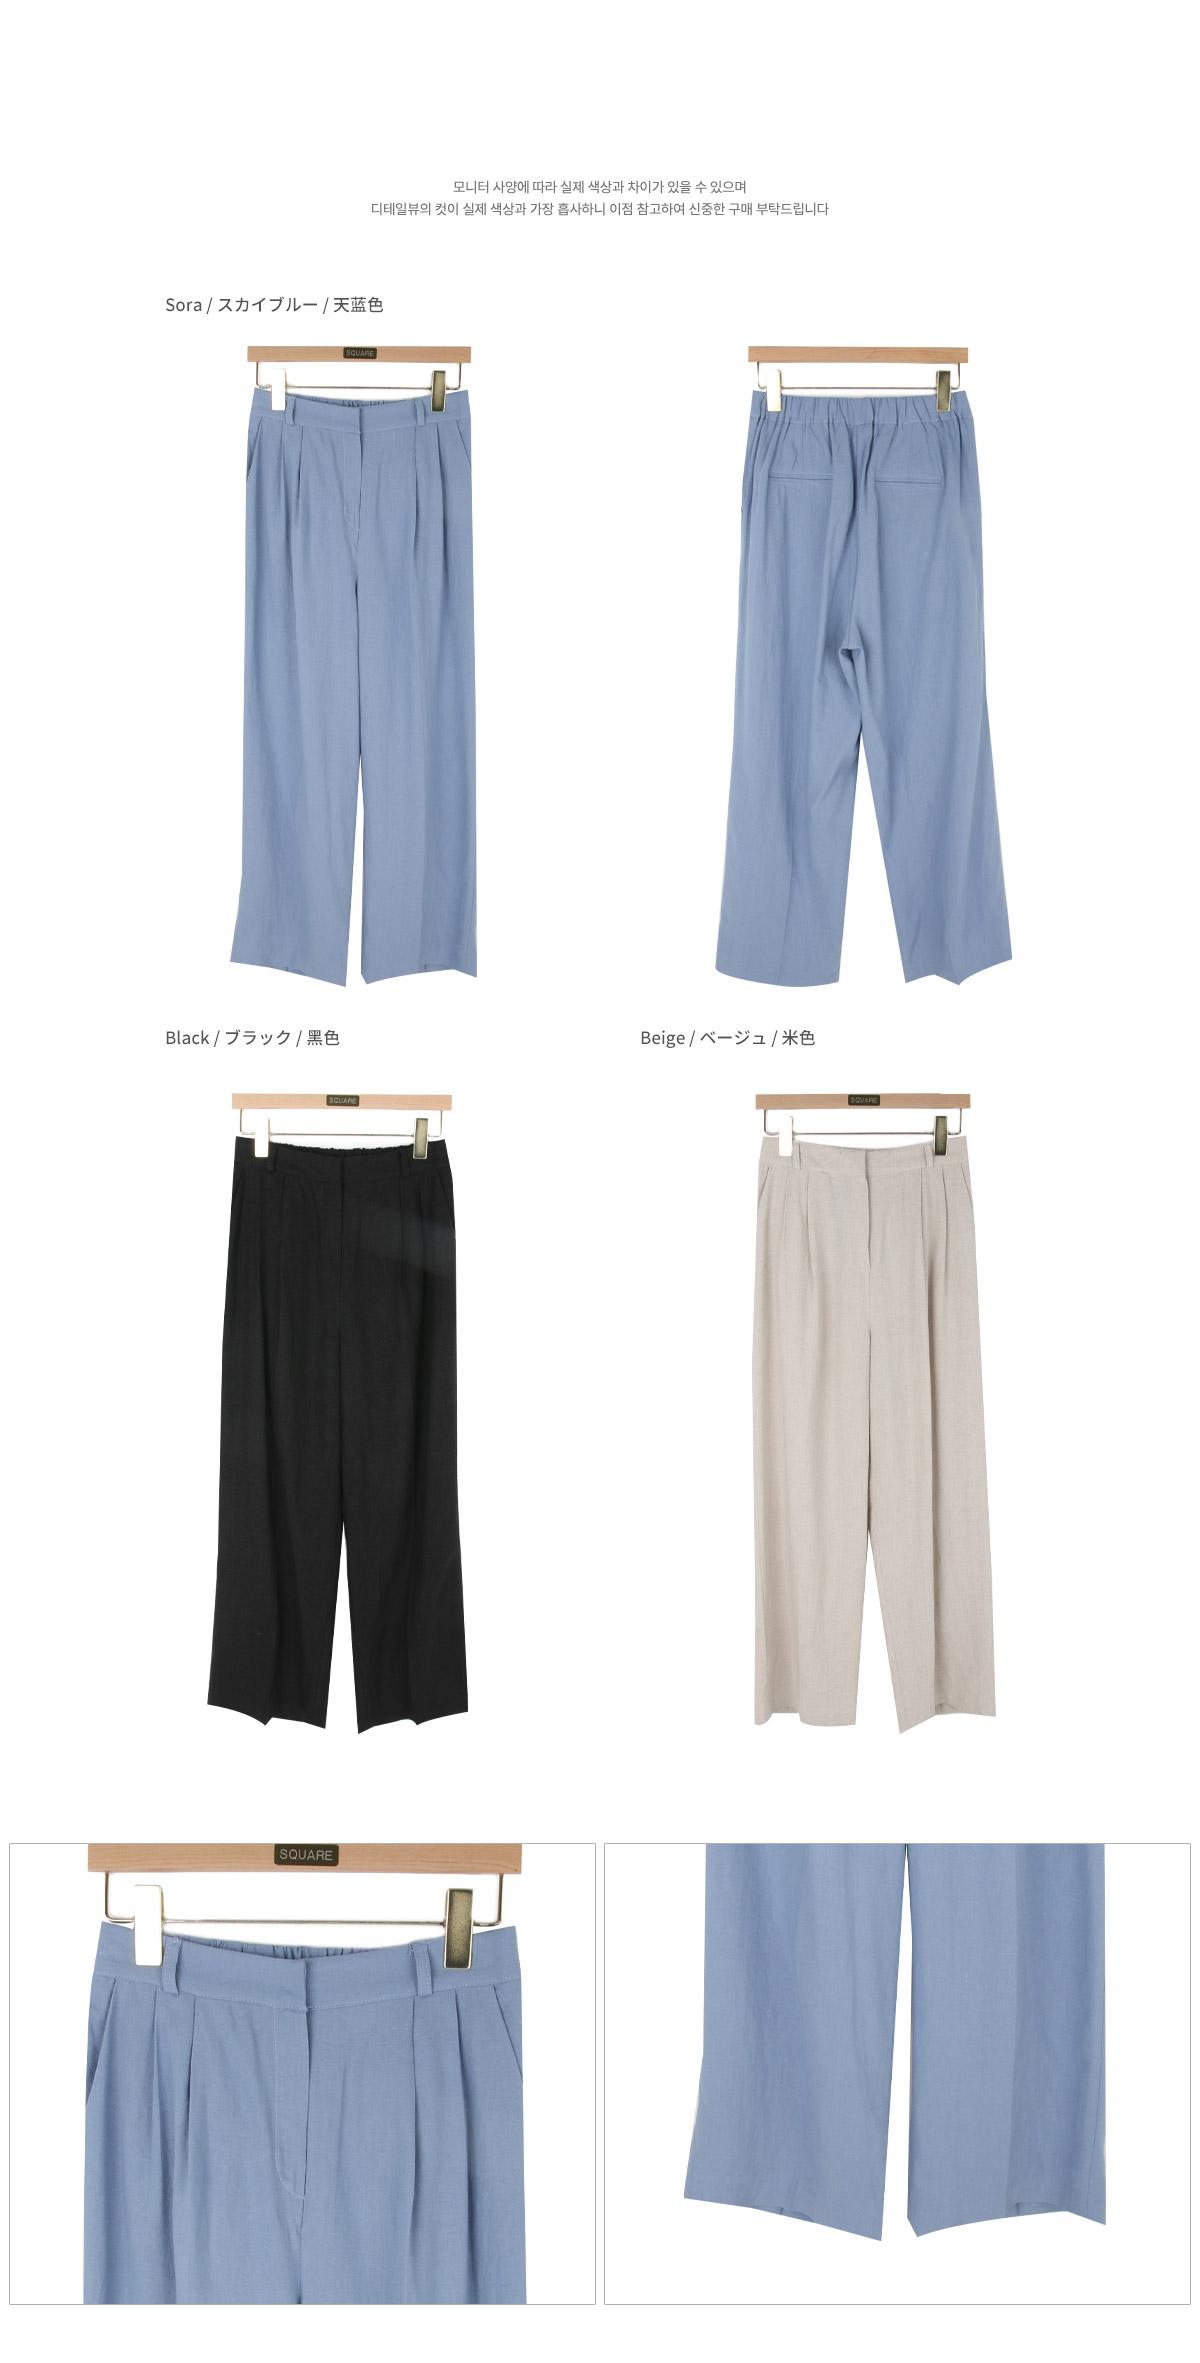 Marron linen pants